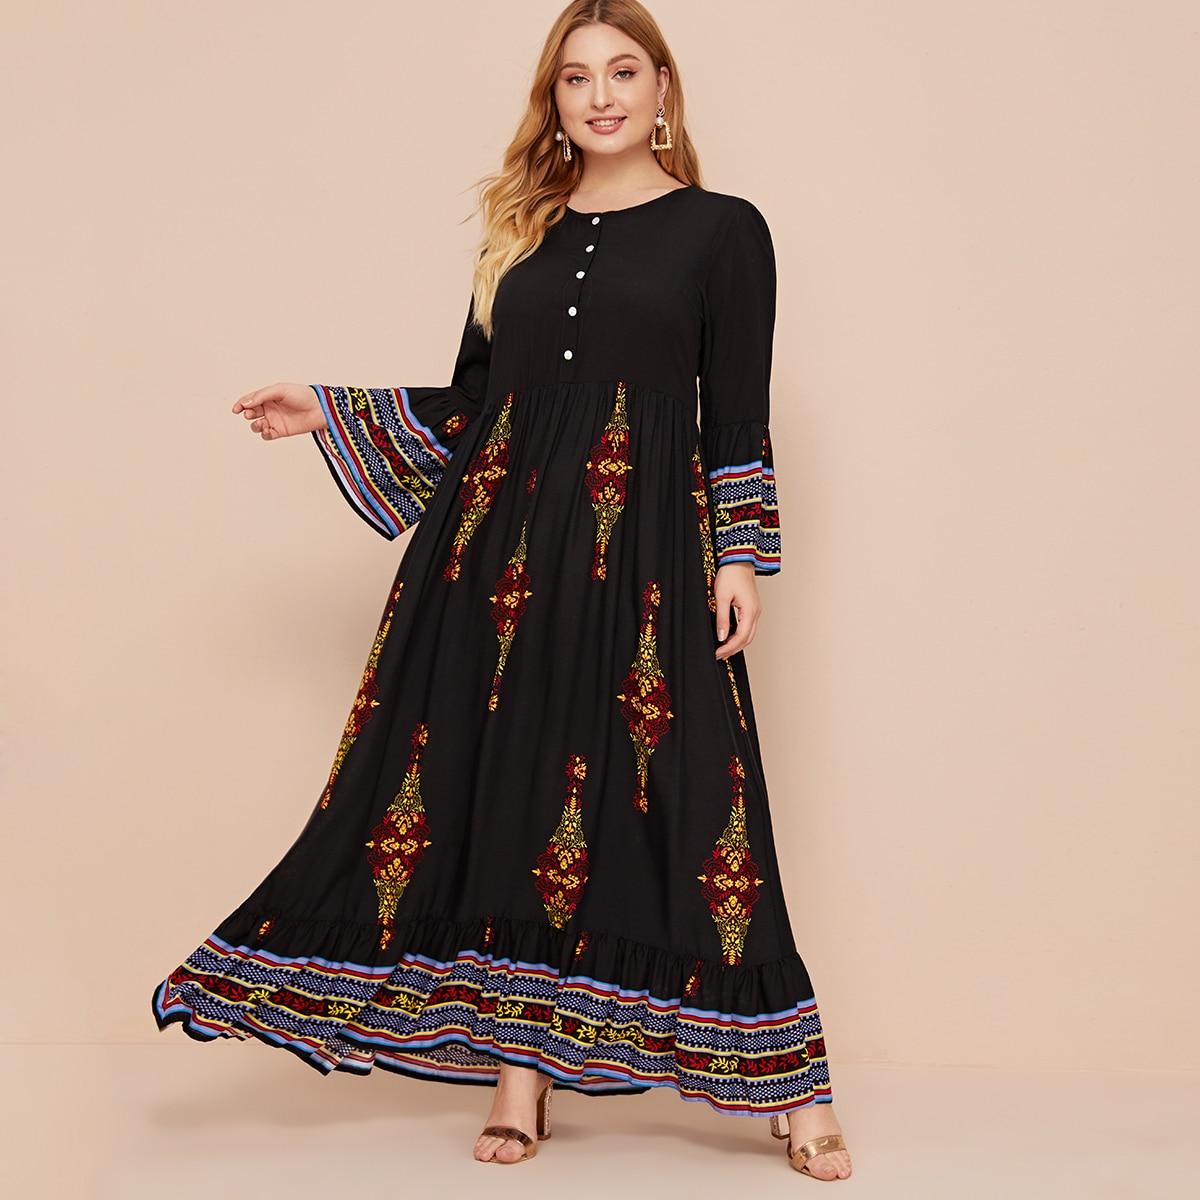 Платье размера плюс с пуговицами и племенным принтом